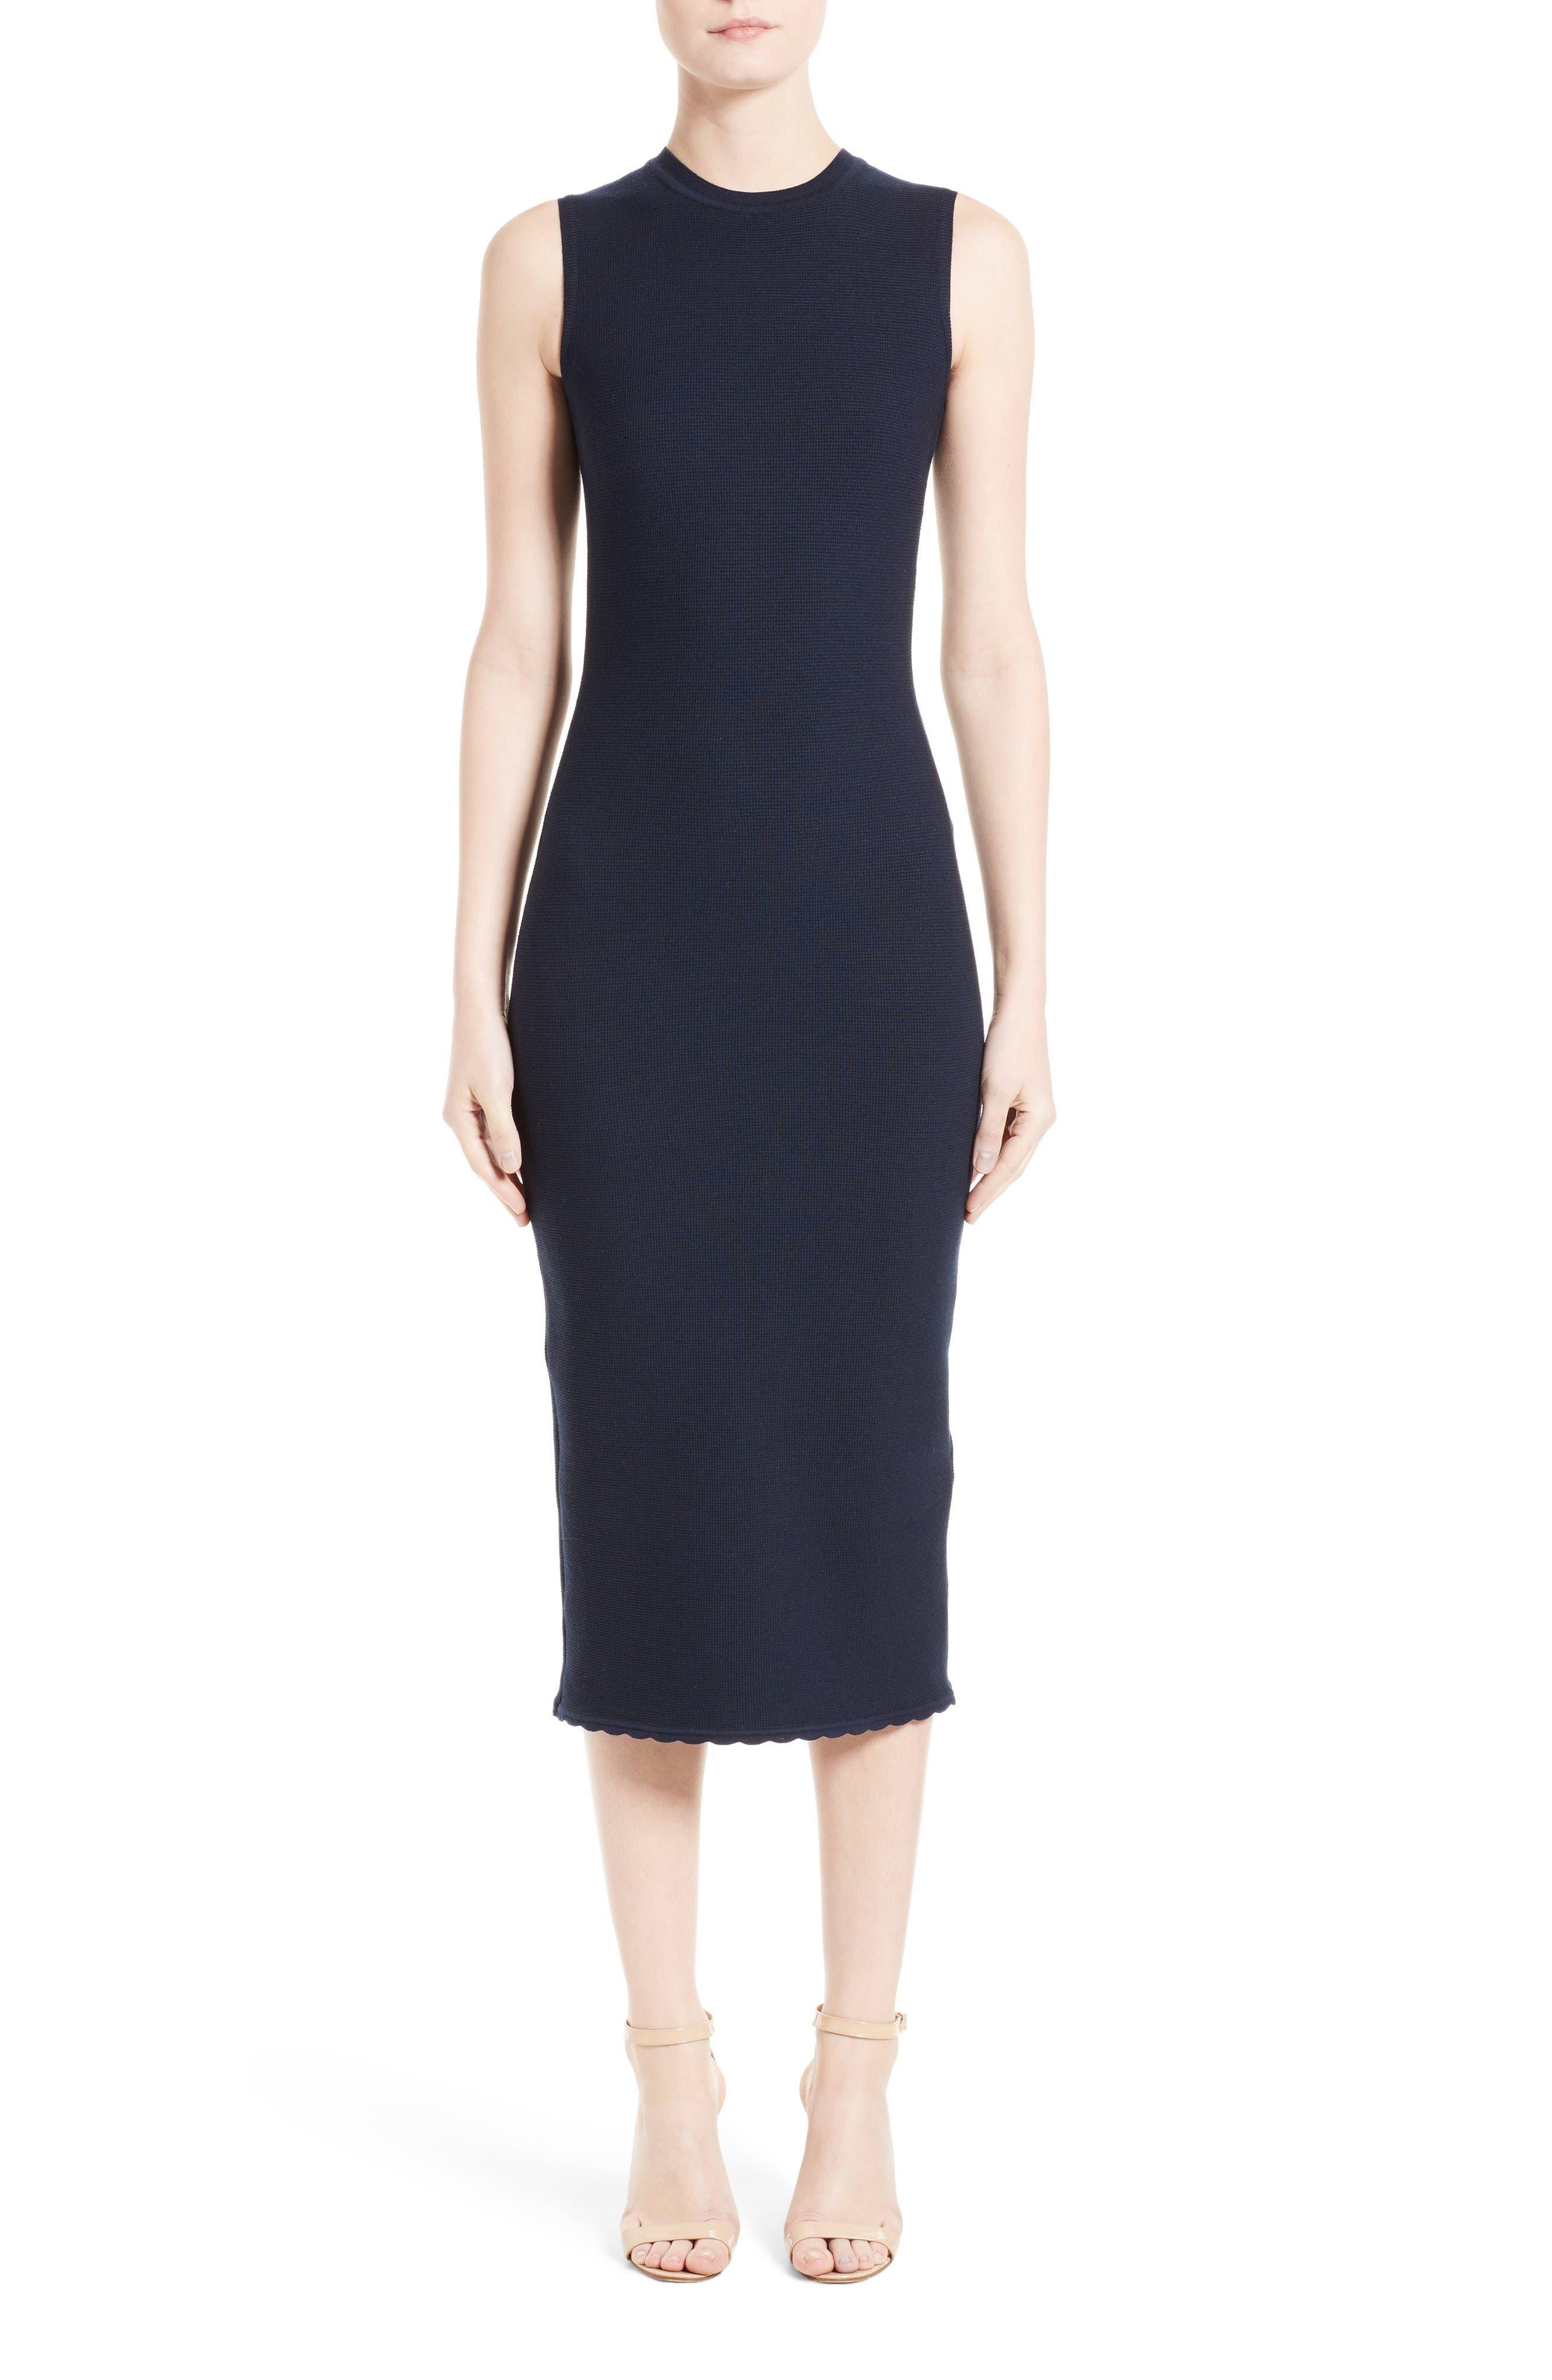 Victoria Beckham Wool Blend Knit Scallop Dress